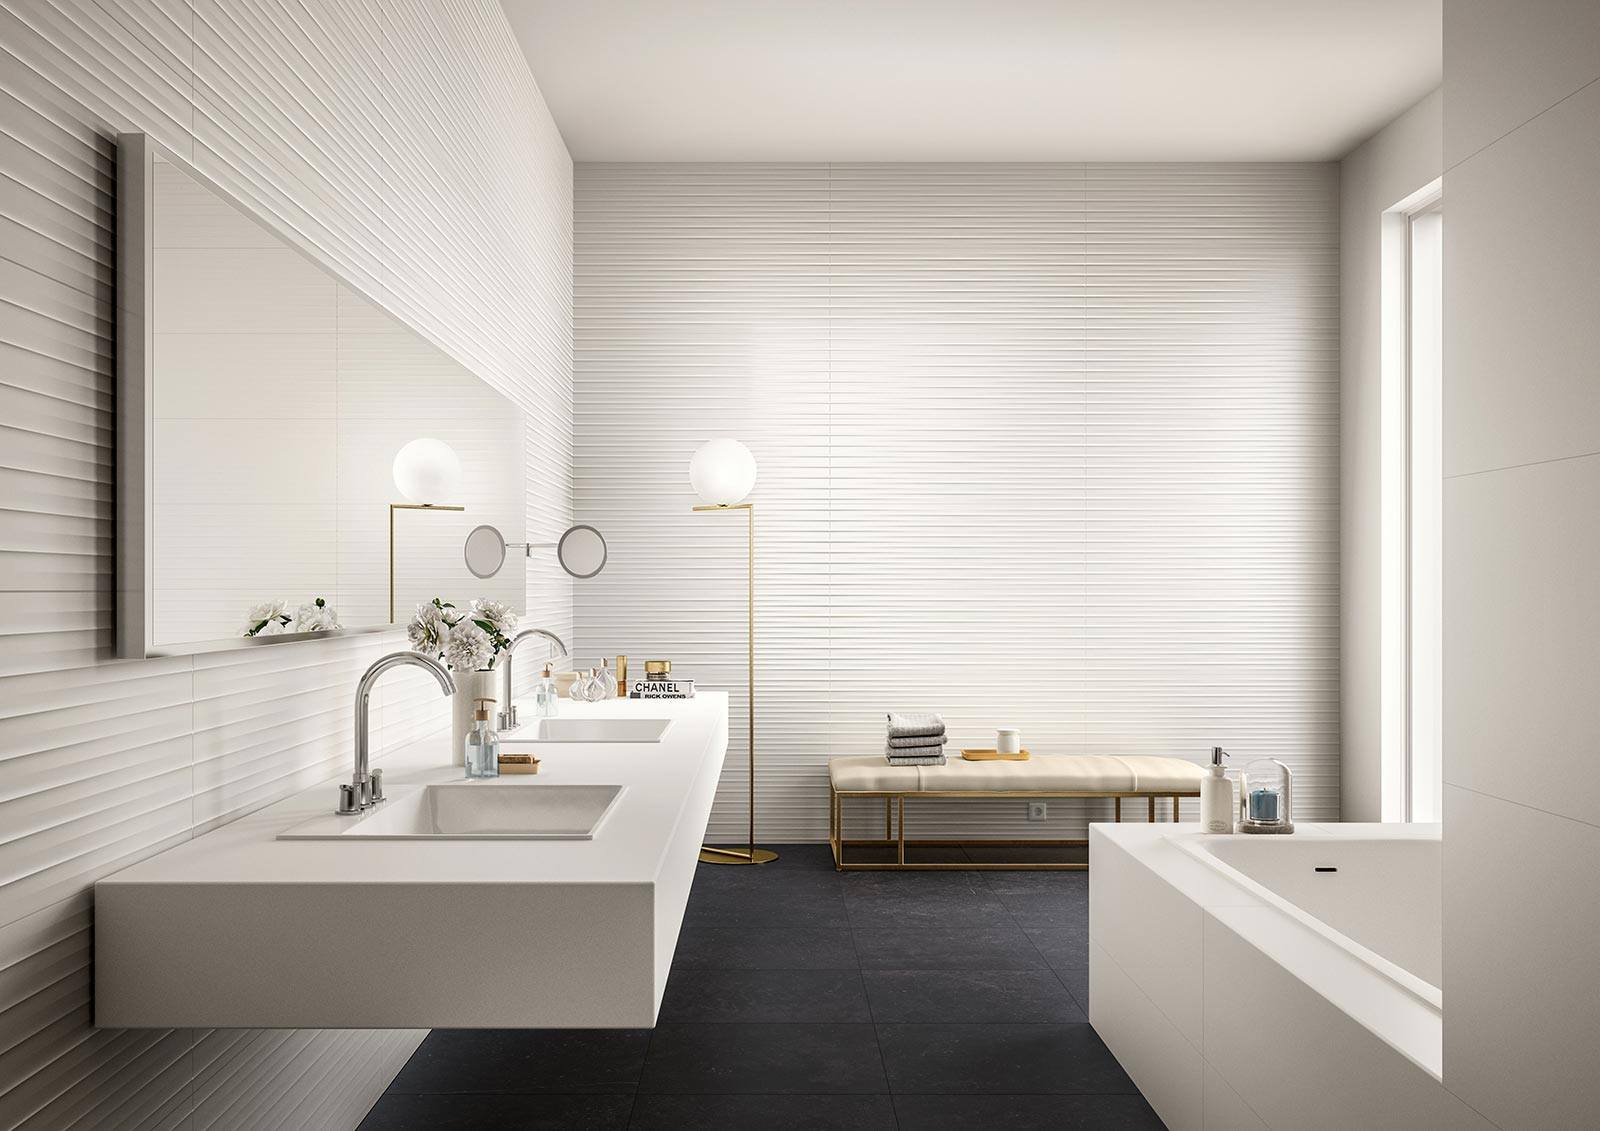 mattonelle per bagno: ceramica e gres porcellanato | marazzi - Bagni Moderni Mattonelle